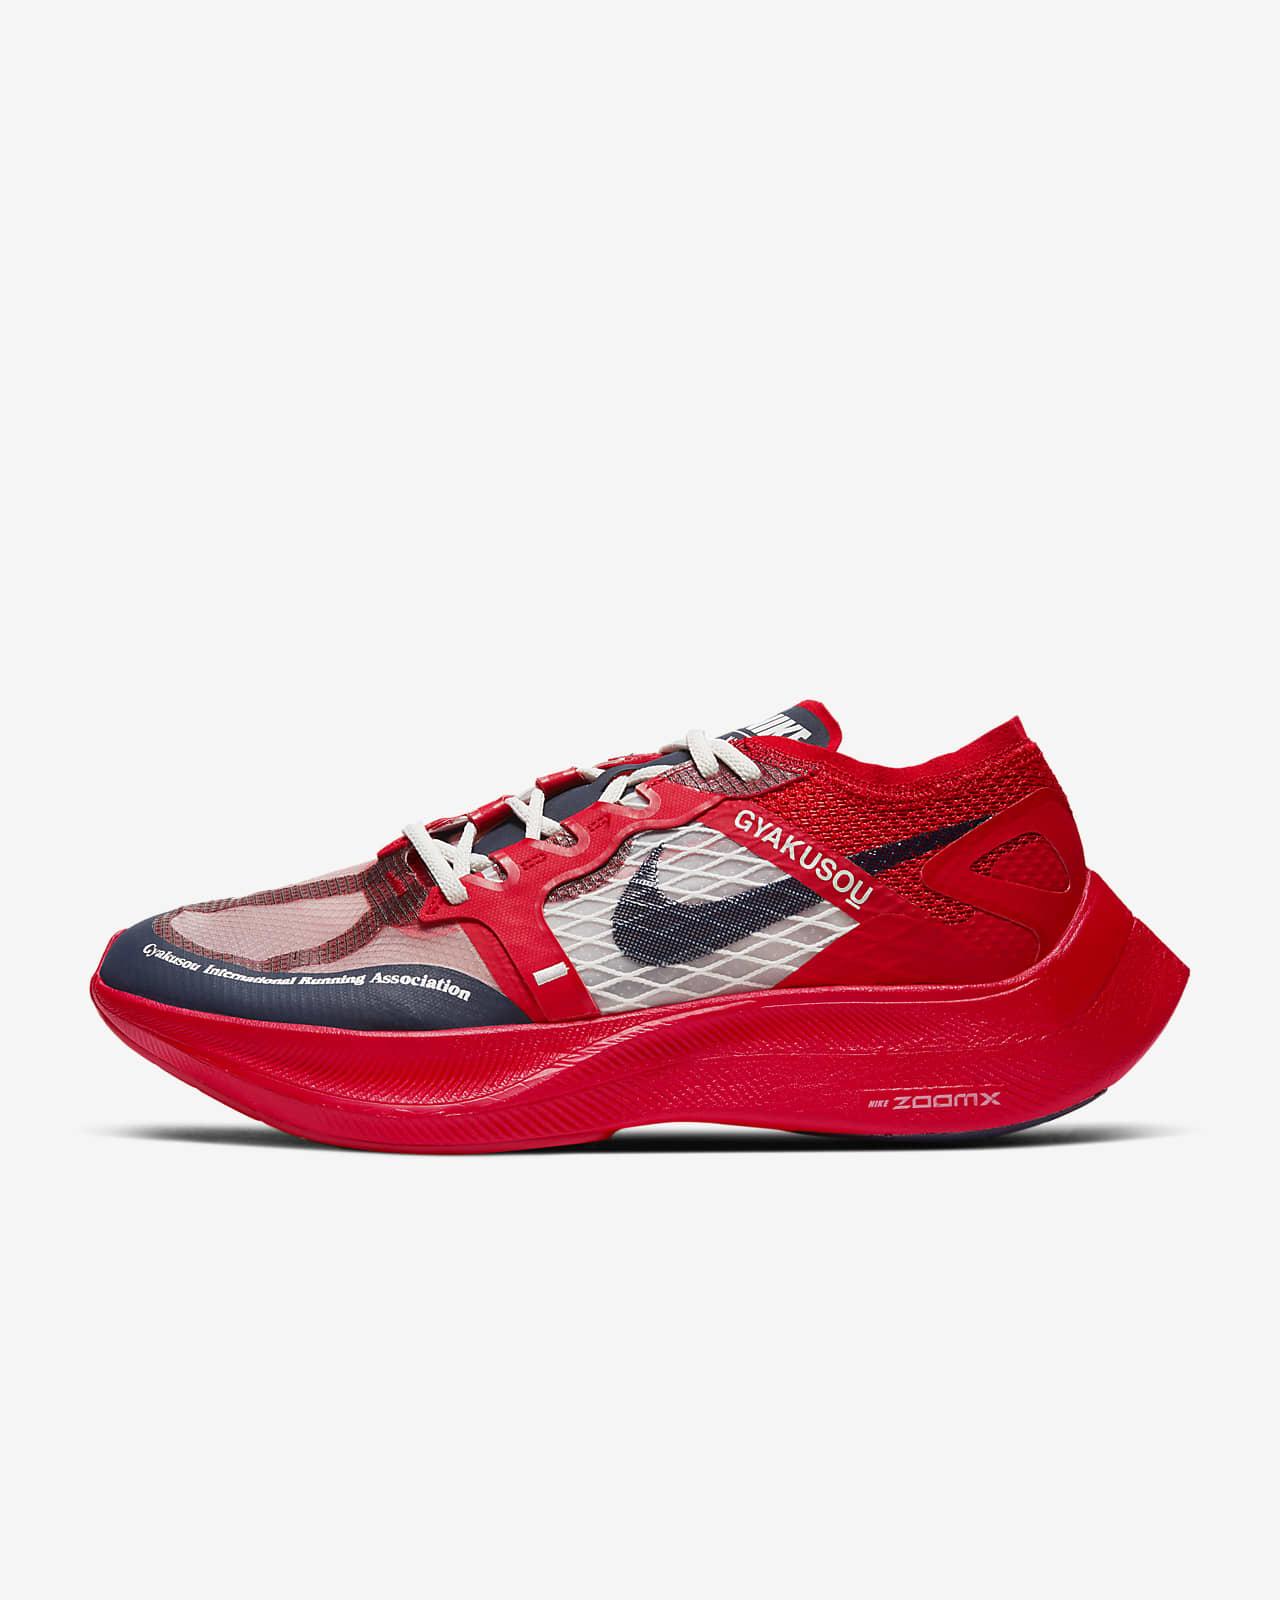 รองเท้าวิ่ง Nike ZoomX Vaporfly Next% x Gyakusou